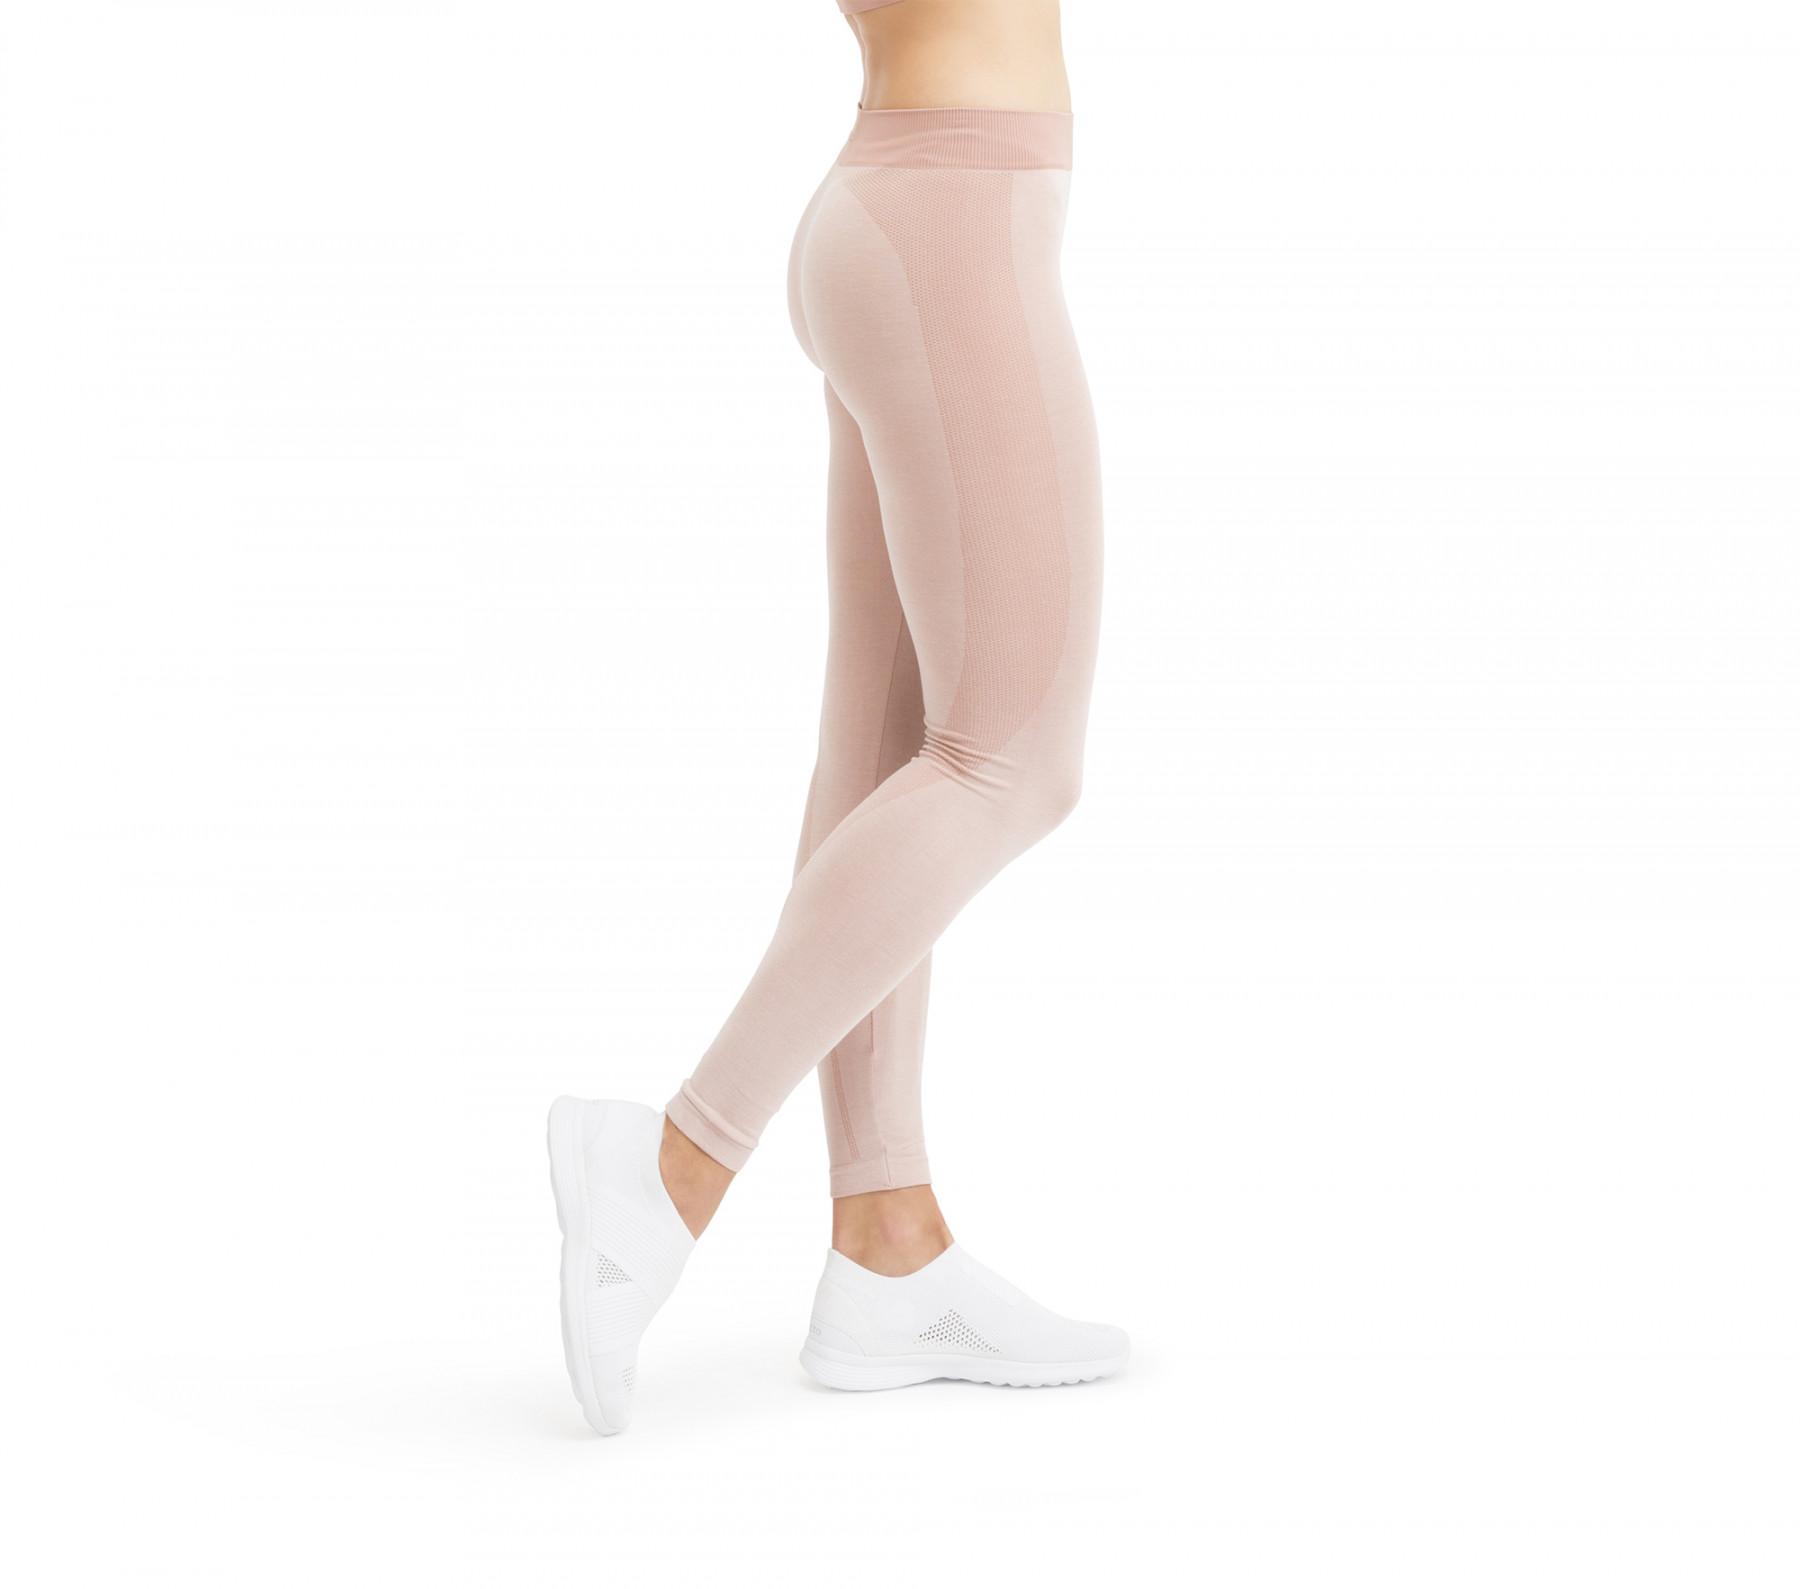 Nahtloser Leggings aus Modal